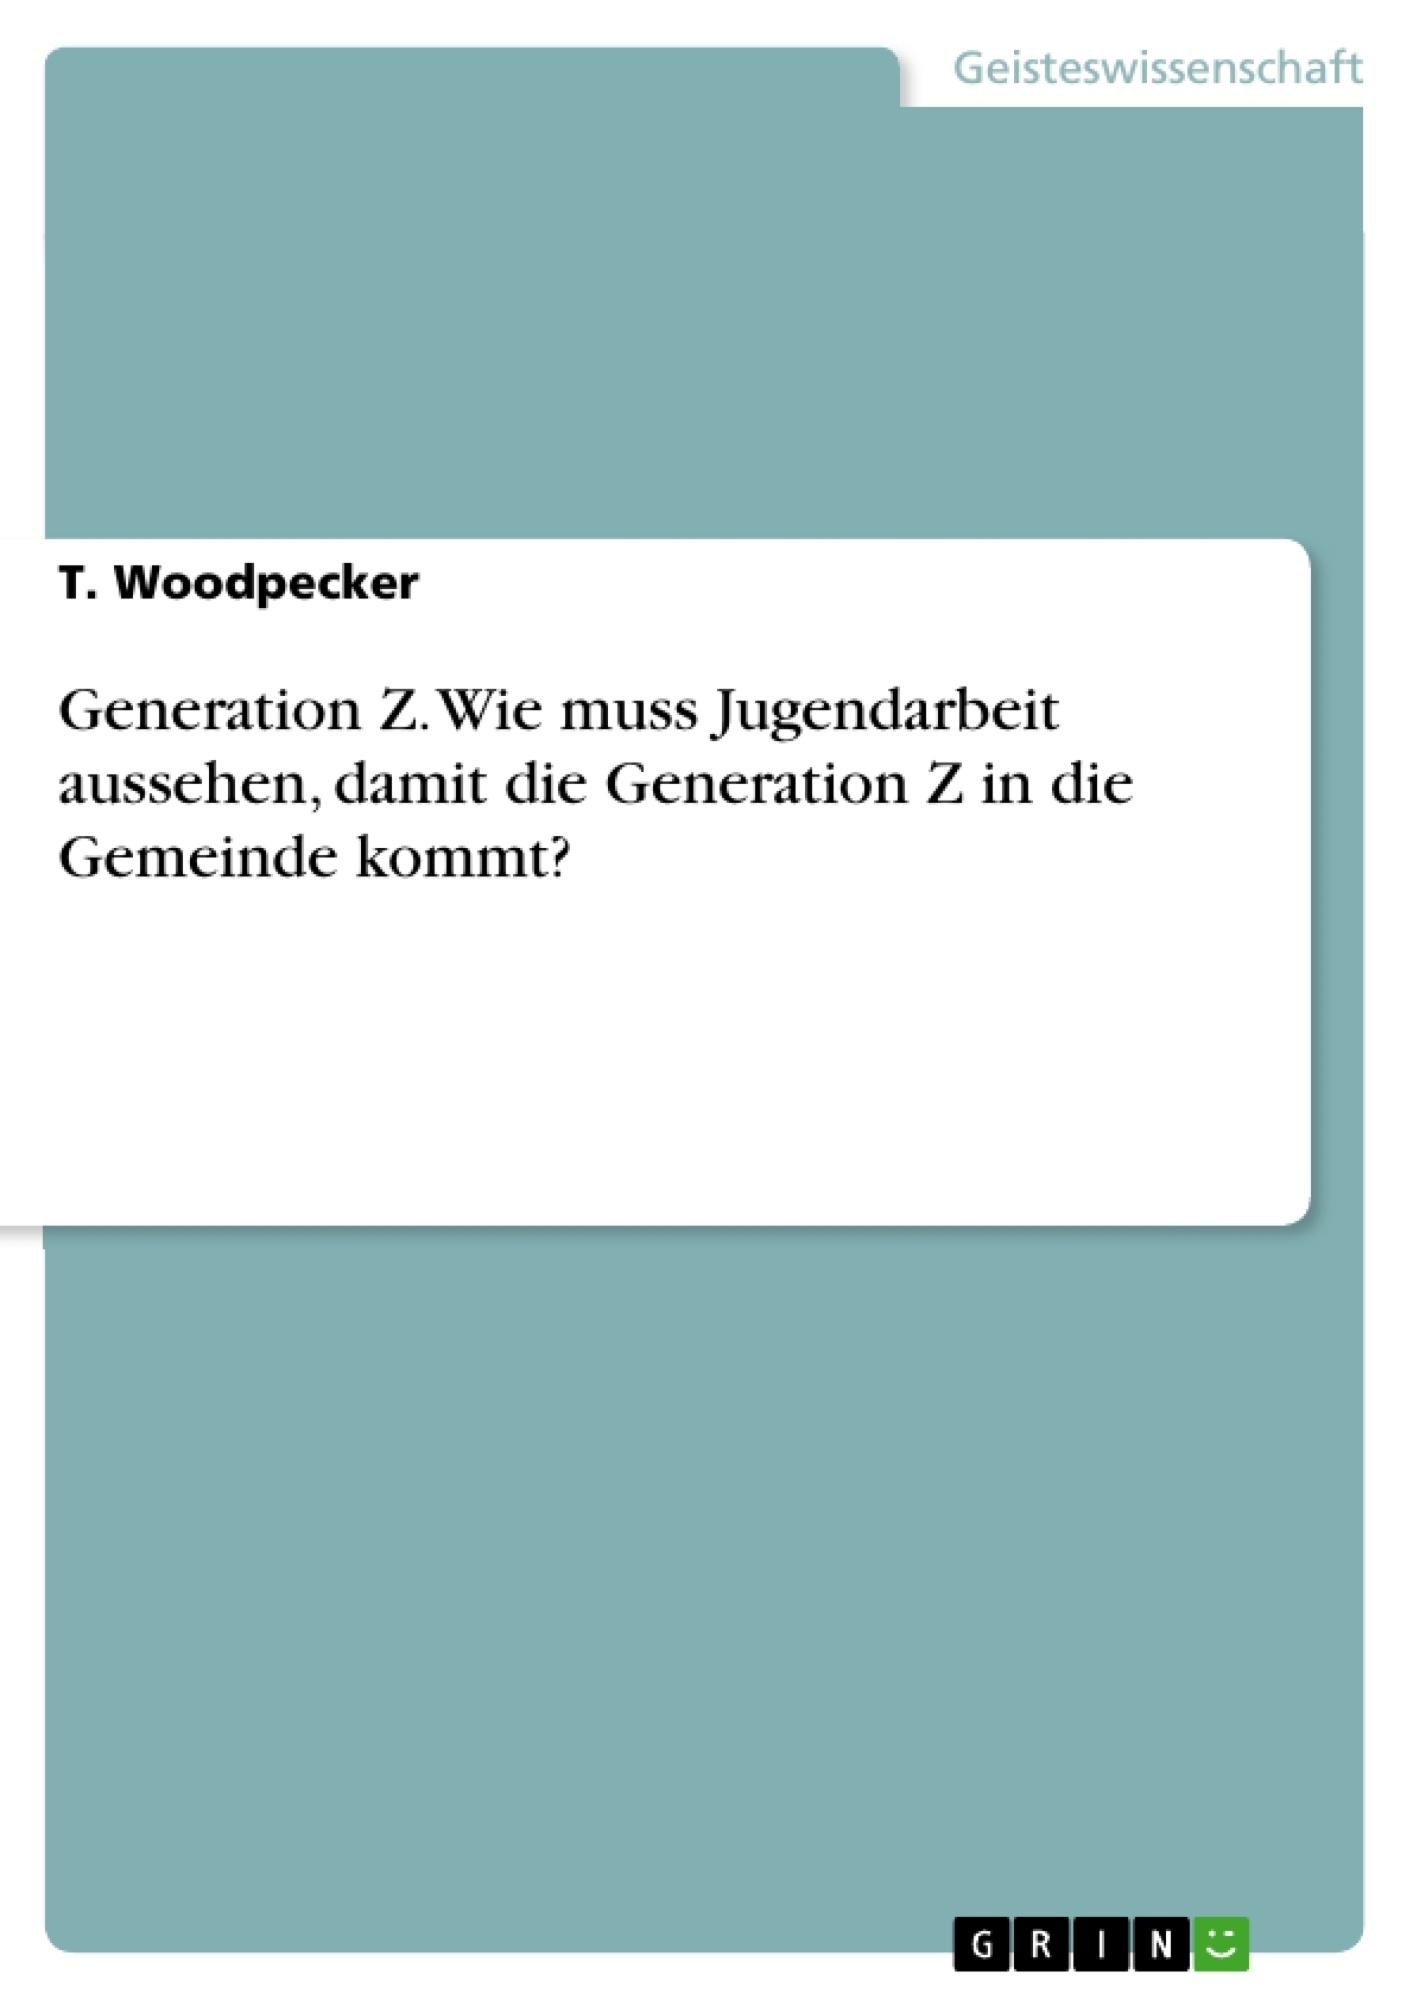 Titel: Generation Z. Wie muss Jugendarbeit aussehen, damit die Generation Z in die Gemeinde kommt?